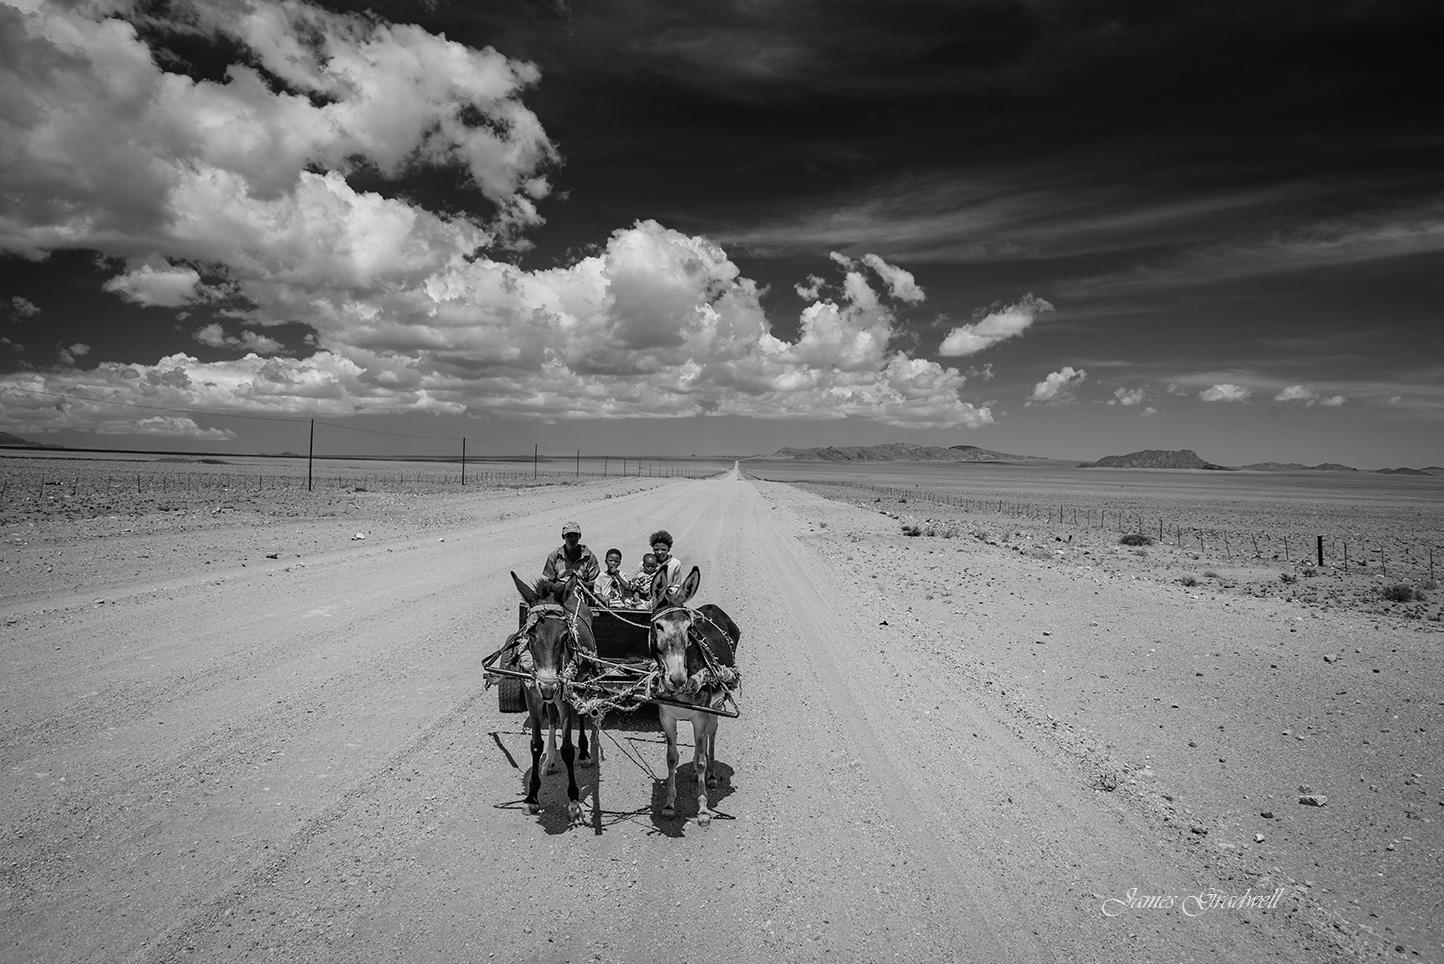 Damaraland Donkey Cart